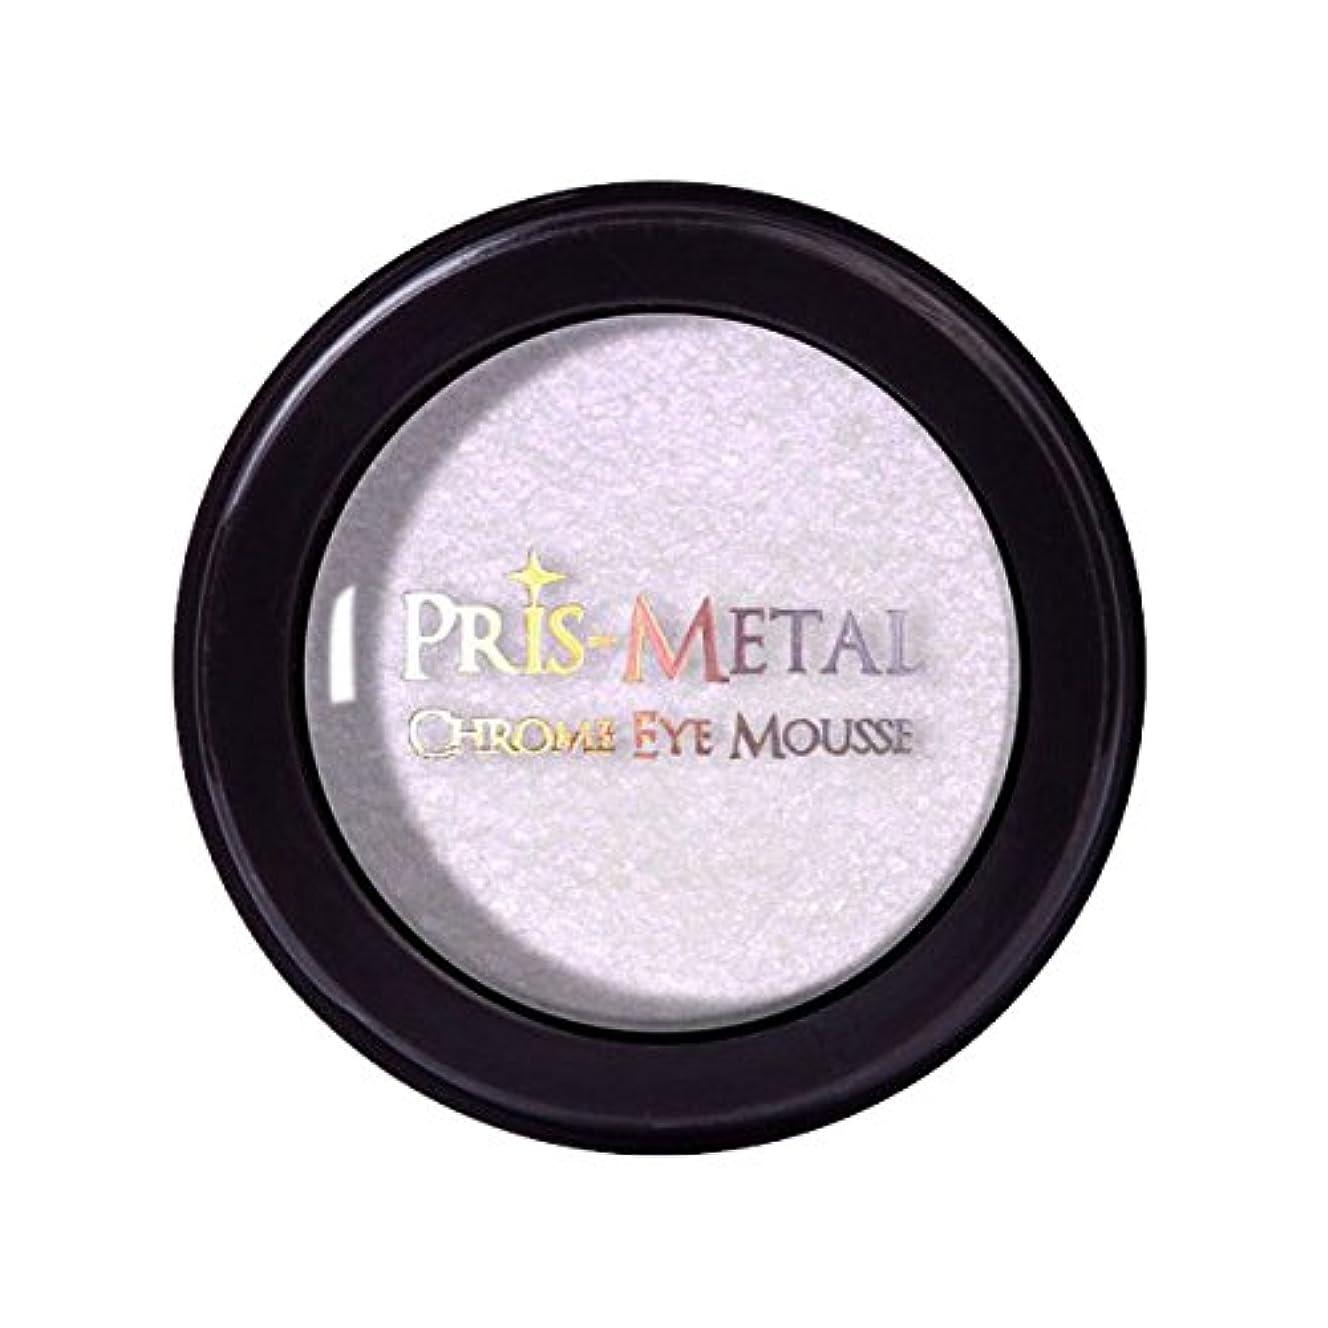 事務所小売動かす(6 Pack) J. CAT BEAUTY Pris-Metal Chrome Eye Mousse - Pinky Promise (並行輸入品)